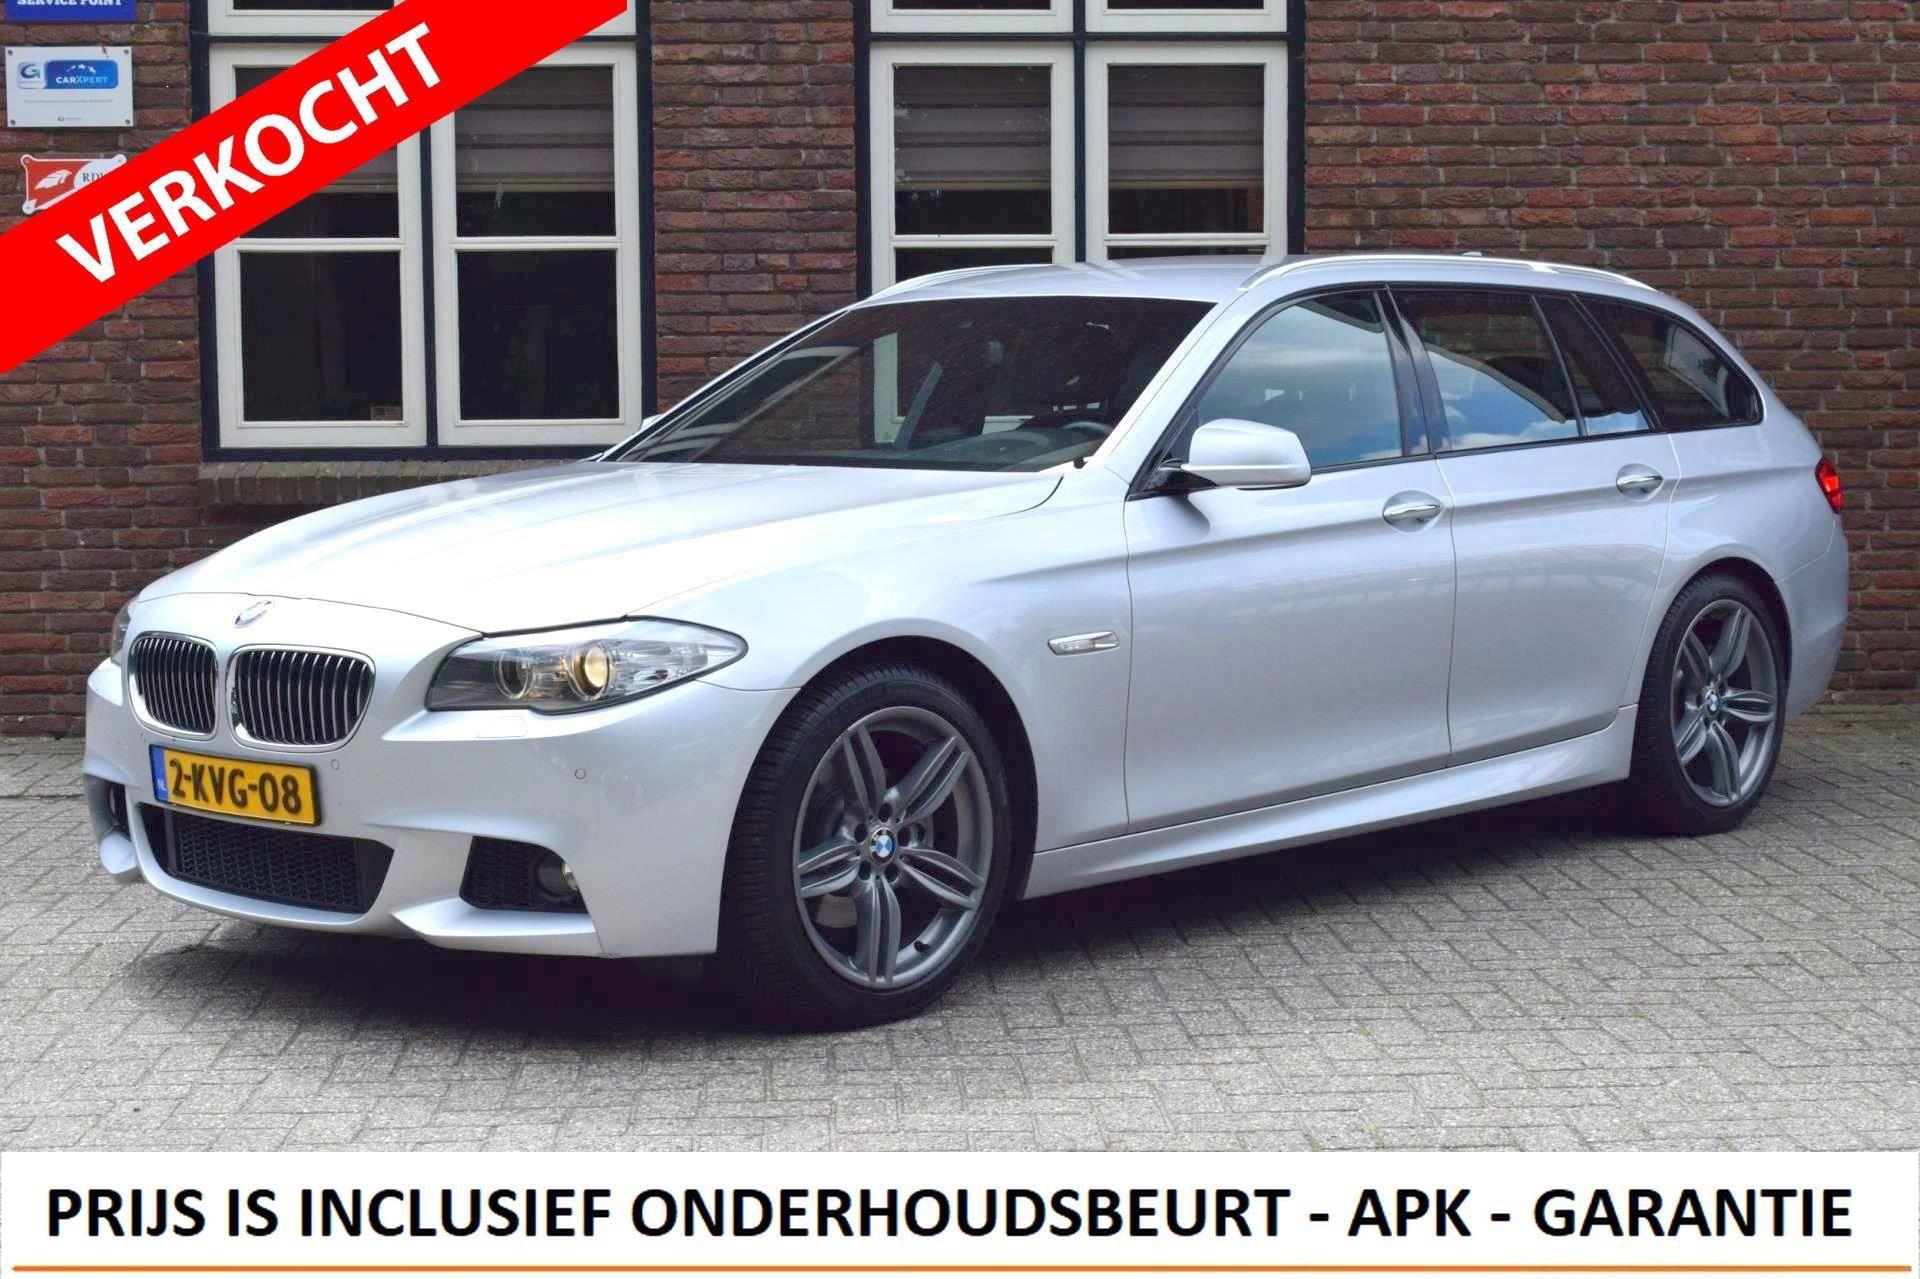 BMW 5-serie Touring occasion - Autobedrijf van der Veen